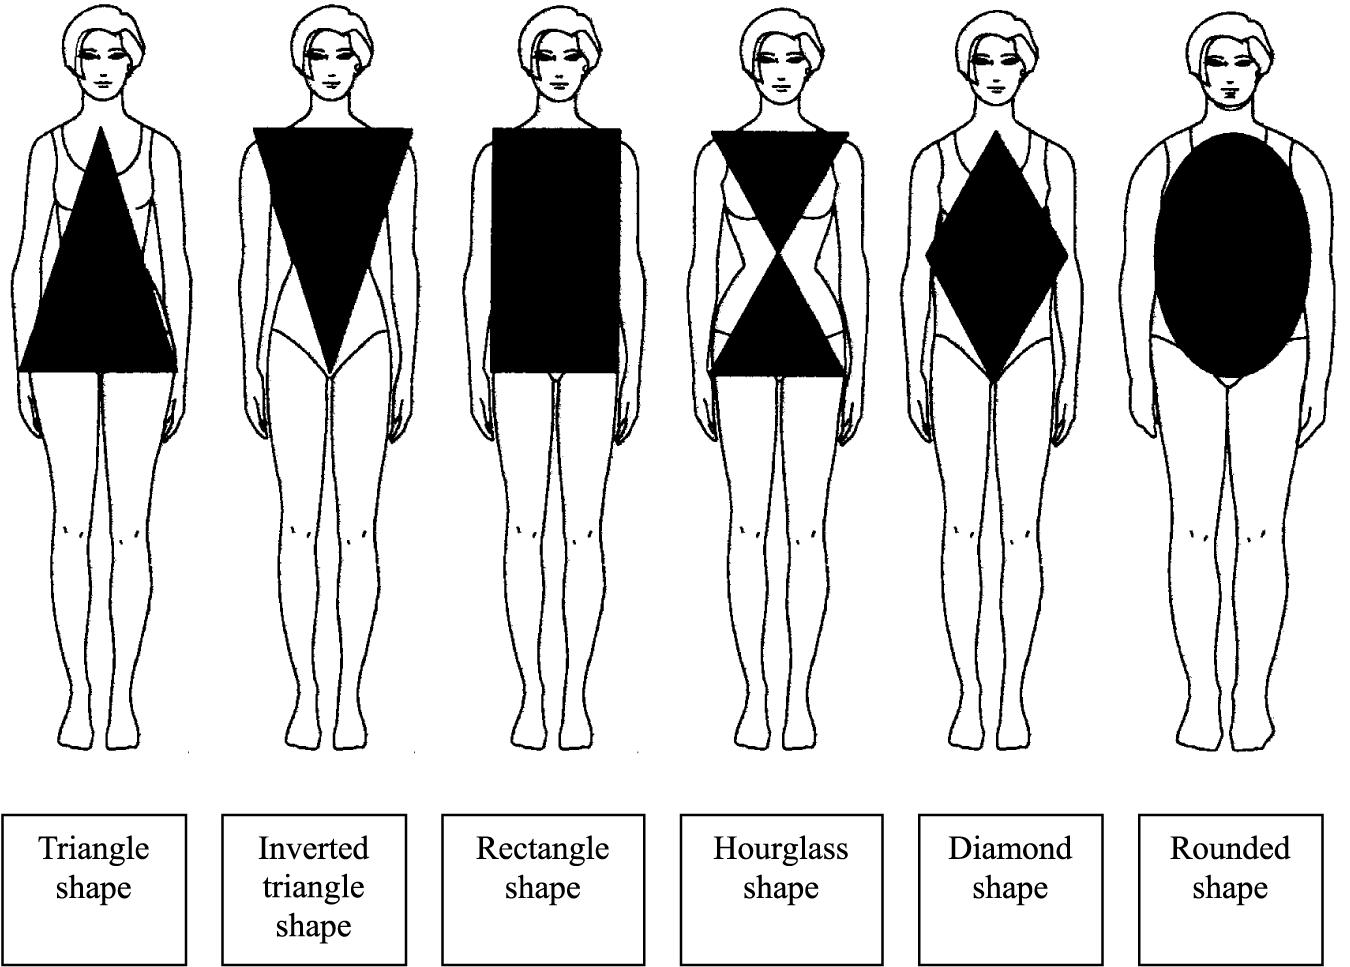 http://1.bp.blogspot.com/-XpEf0N75sYo/TtKDNplRJbI/AAAAAAAABSE/6unX4L68skw/s1600/female_body_shapes_jq45.png